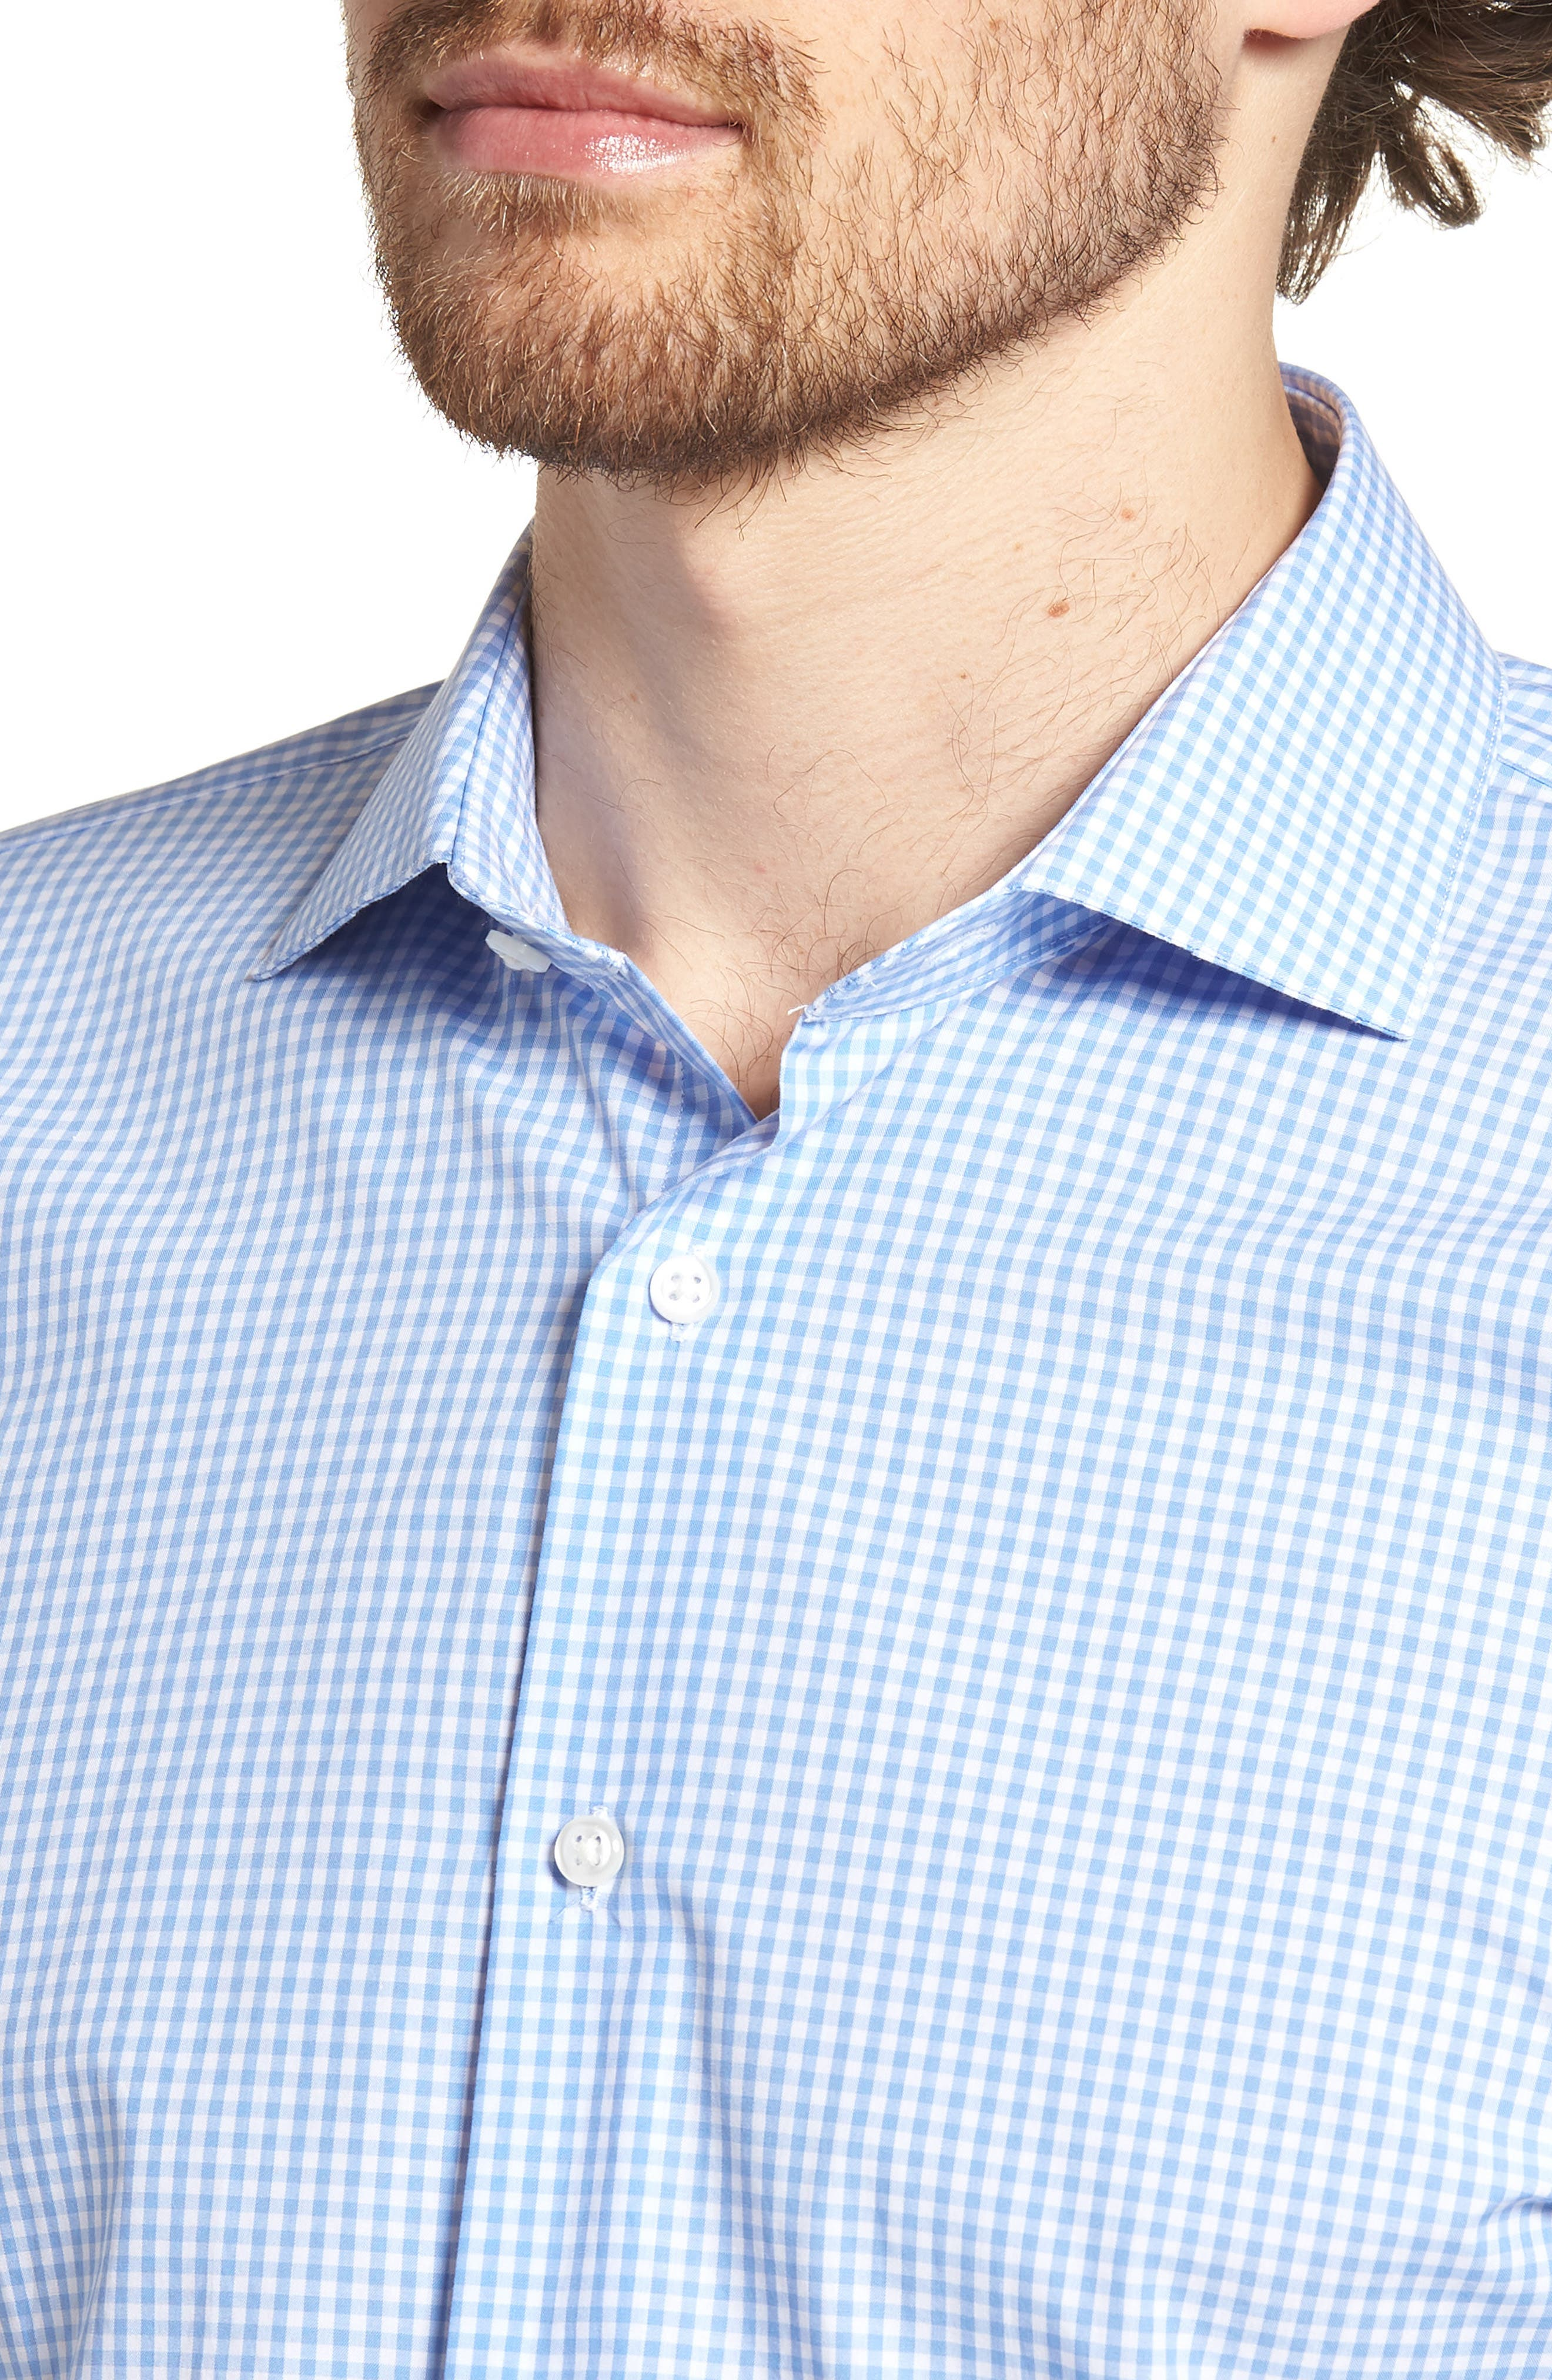 Trim Fit Check Dress Shirt,                             Alternate thumbnail 2, color,                             Blue Cornflower